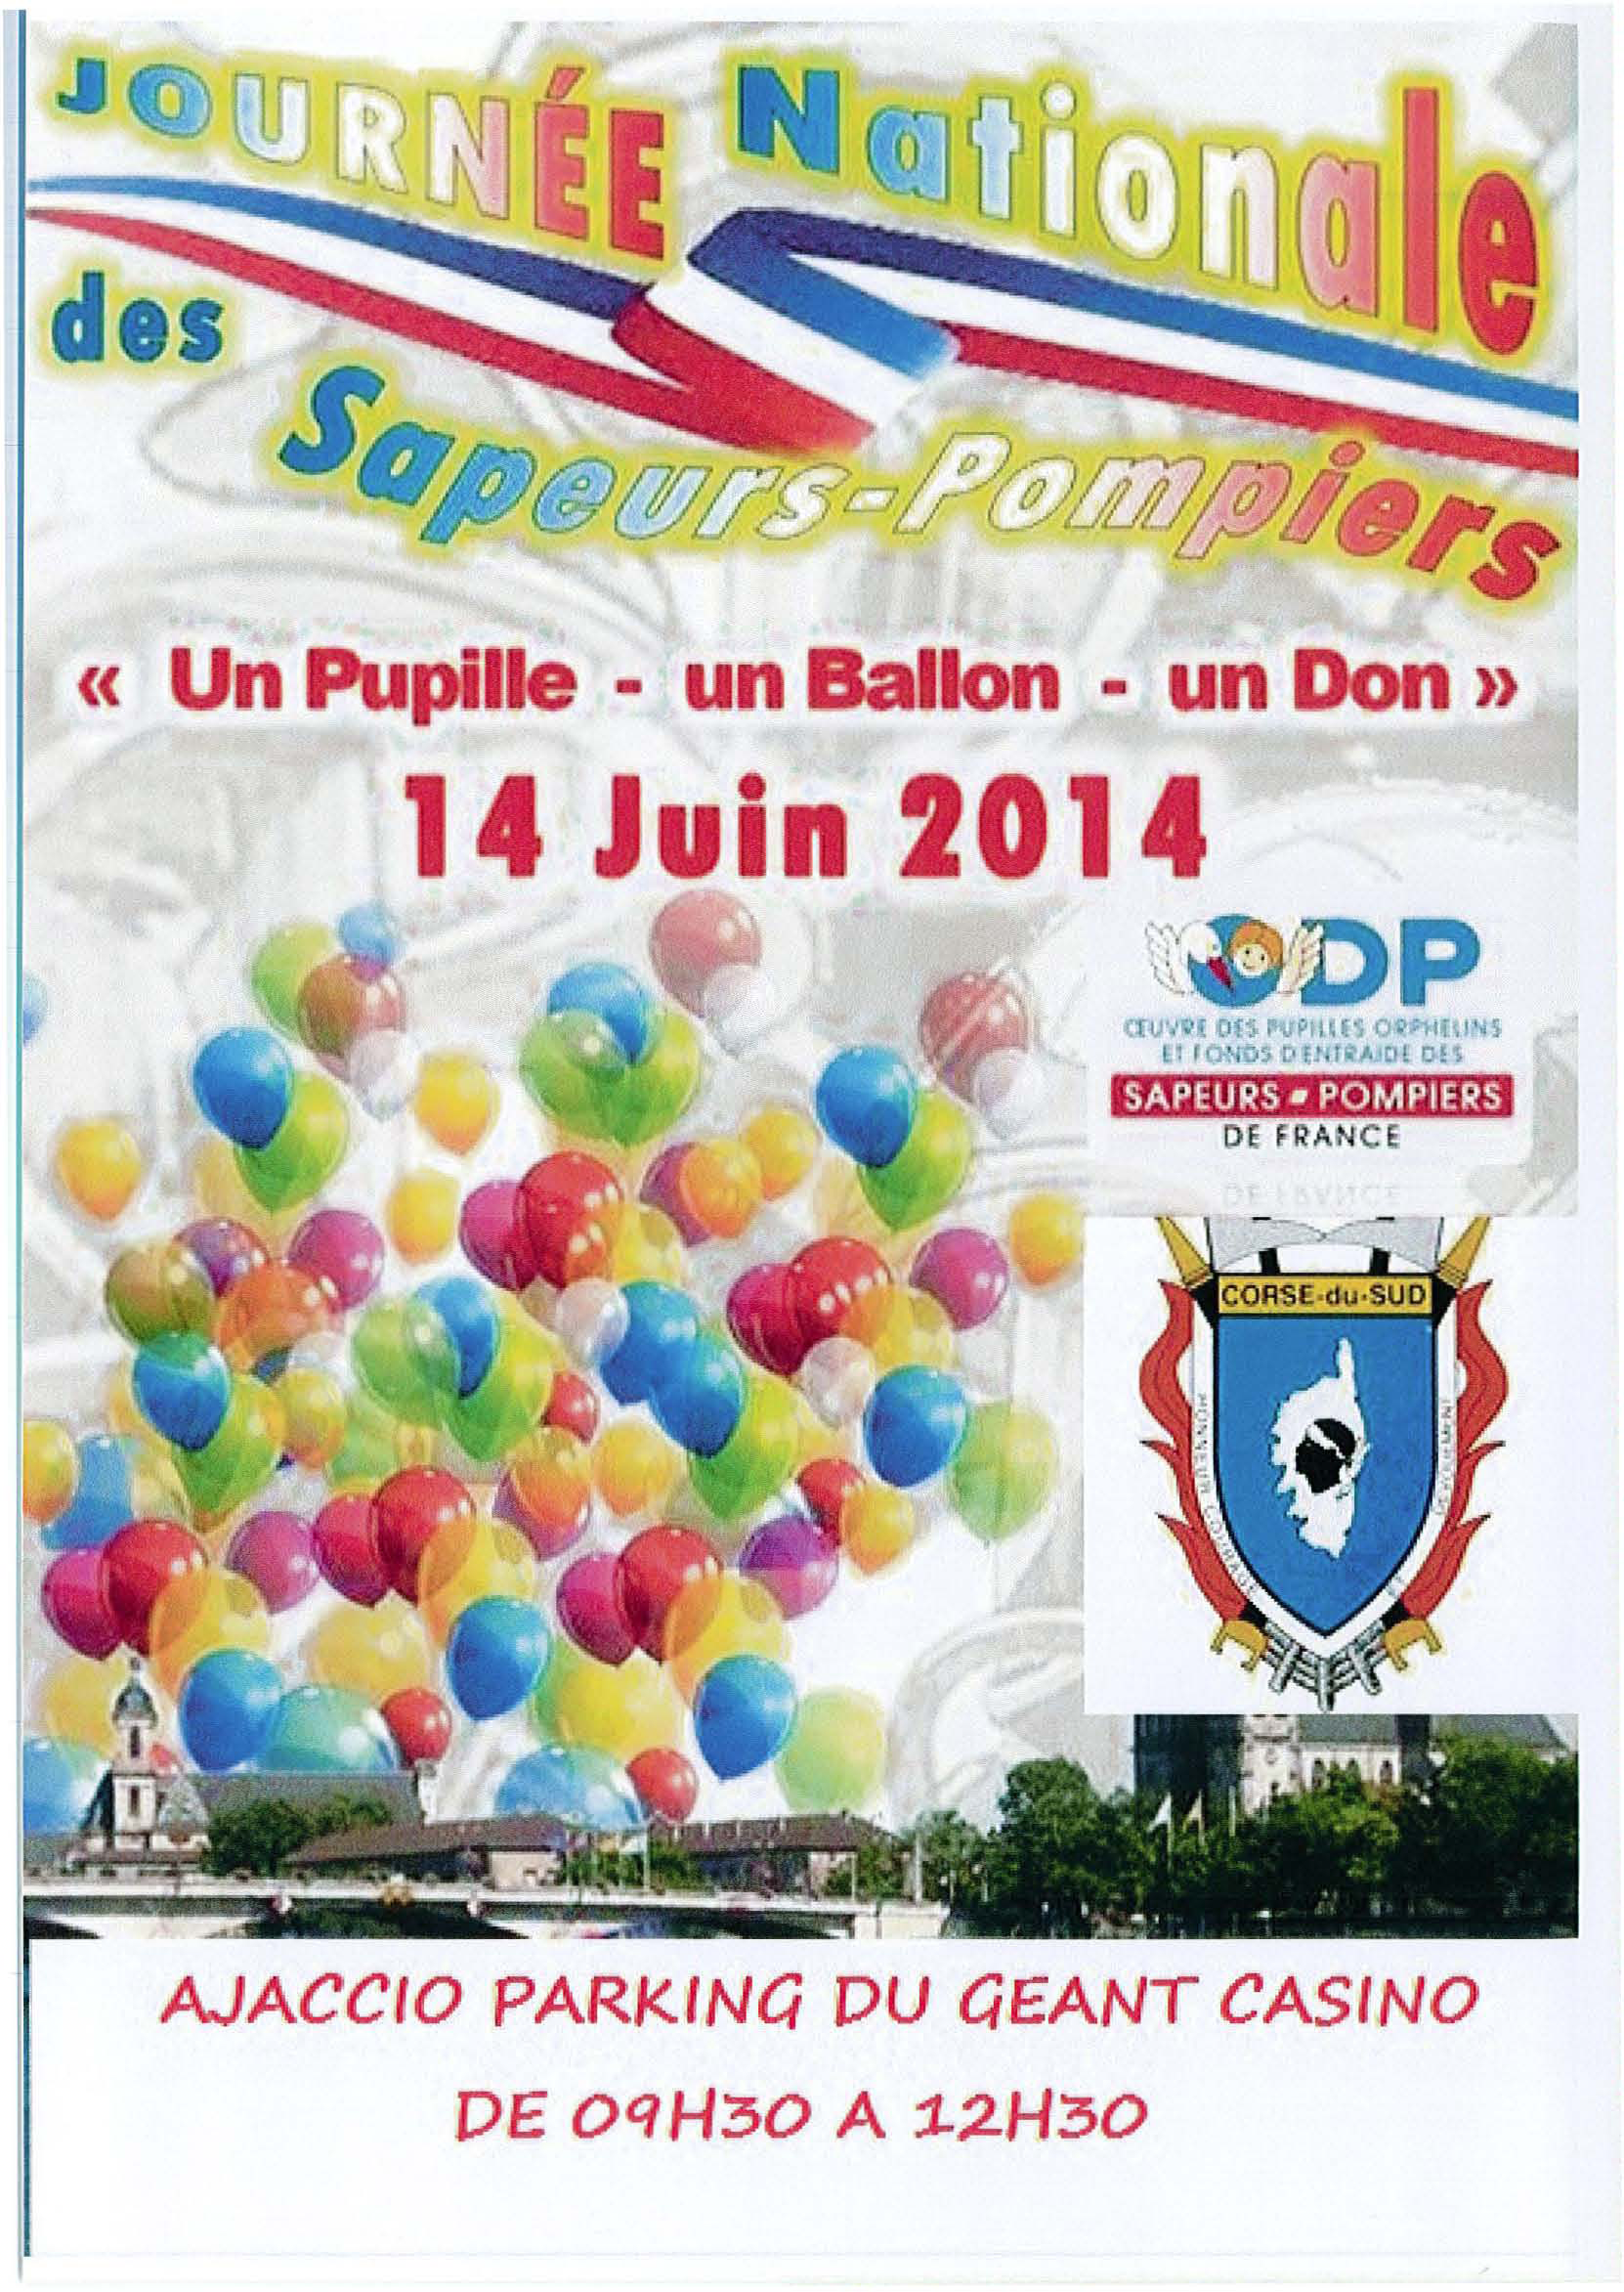 Journée nationale des sapeurs-pompiers à Ajaccio : Un pupille, un ballon, un don